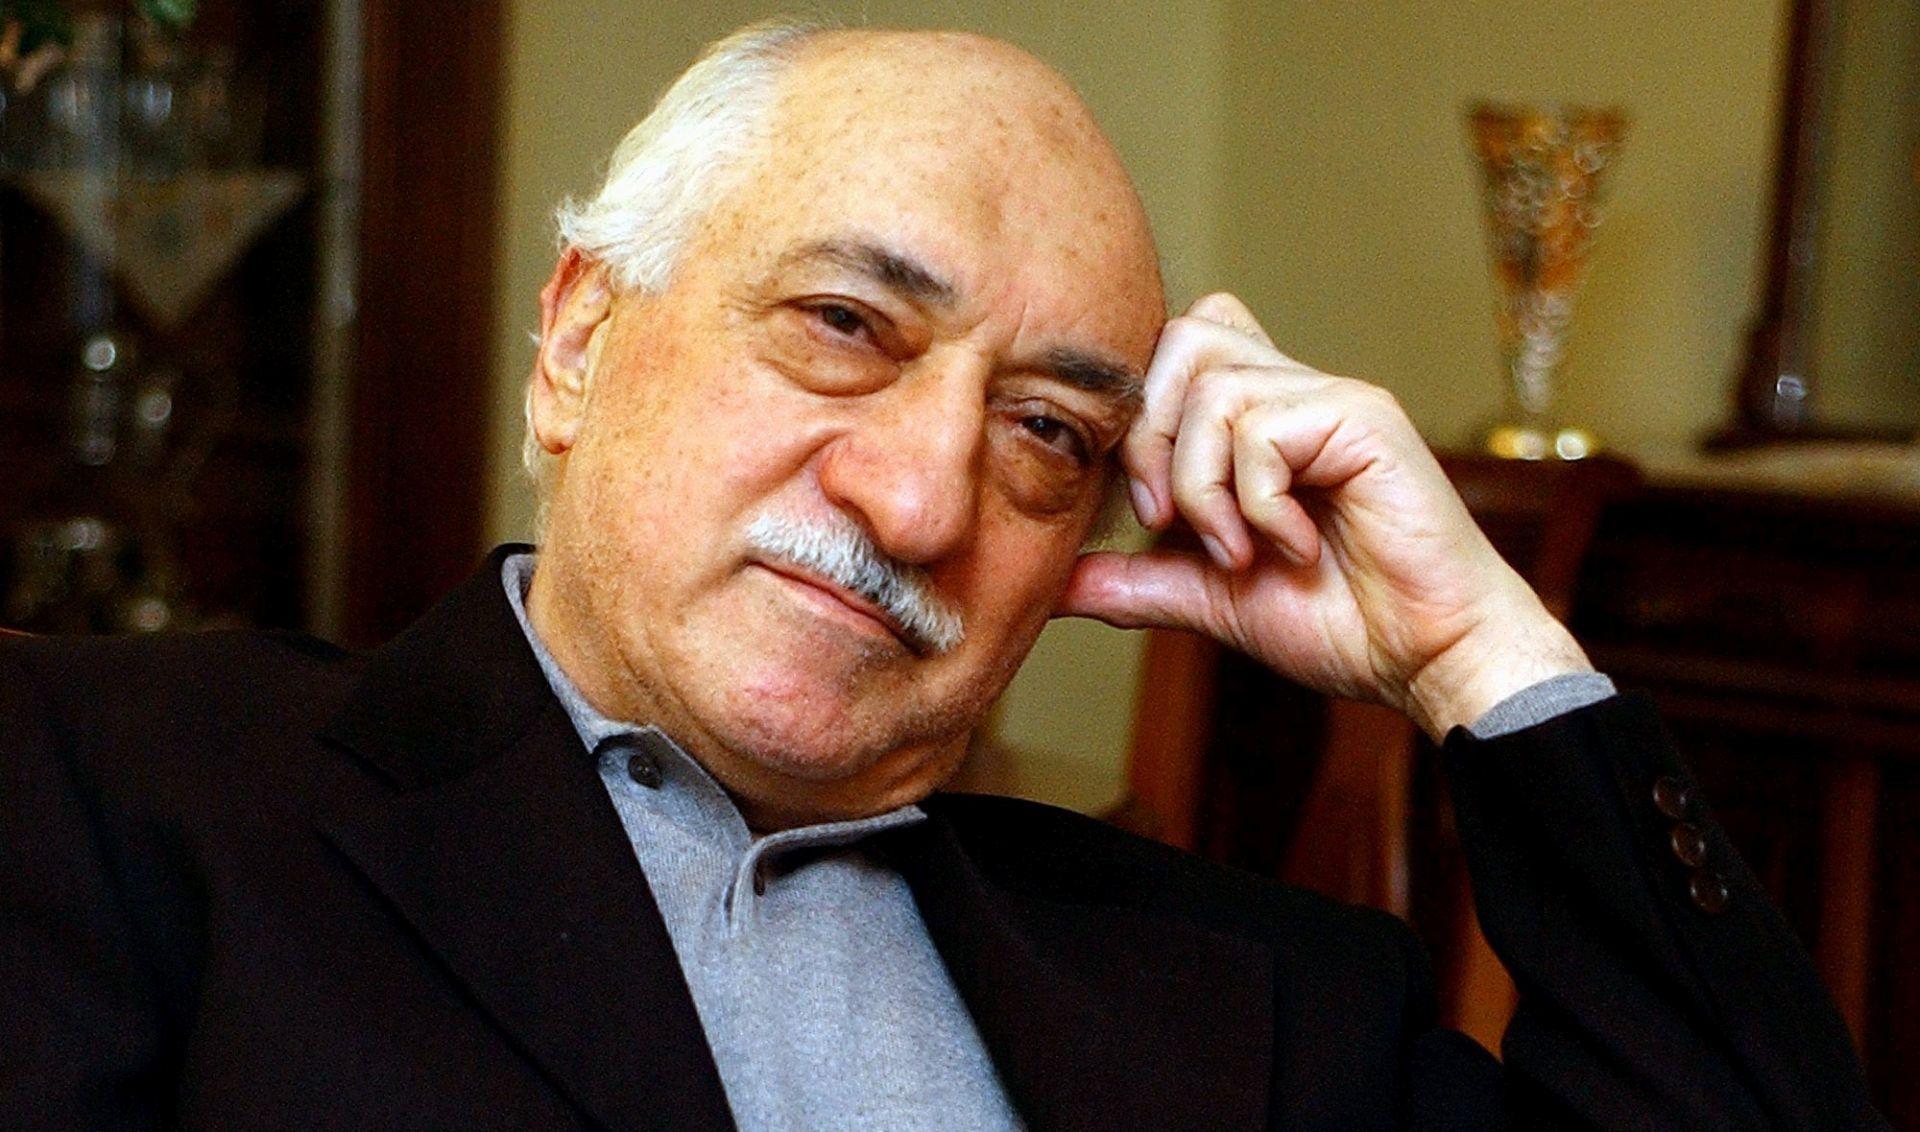 Turska ima nove dokaze koji povezuju Gulena s neuspjelim državnim udarom